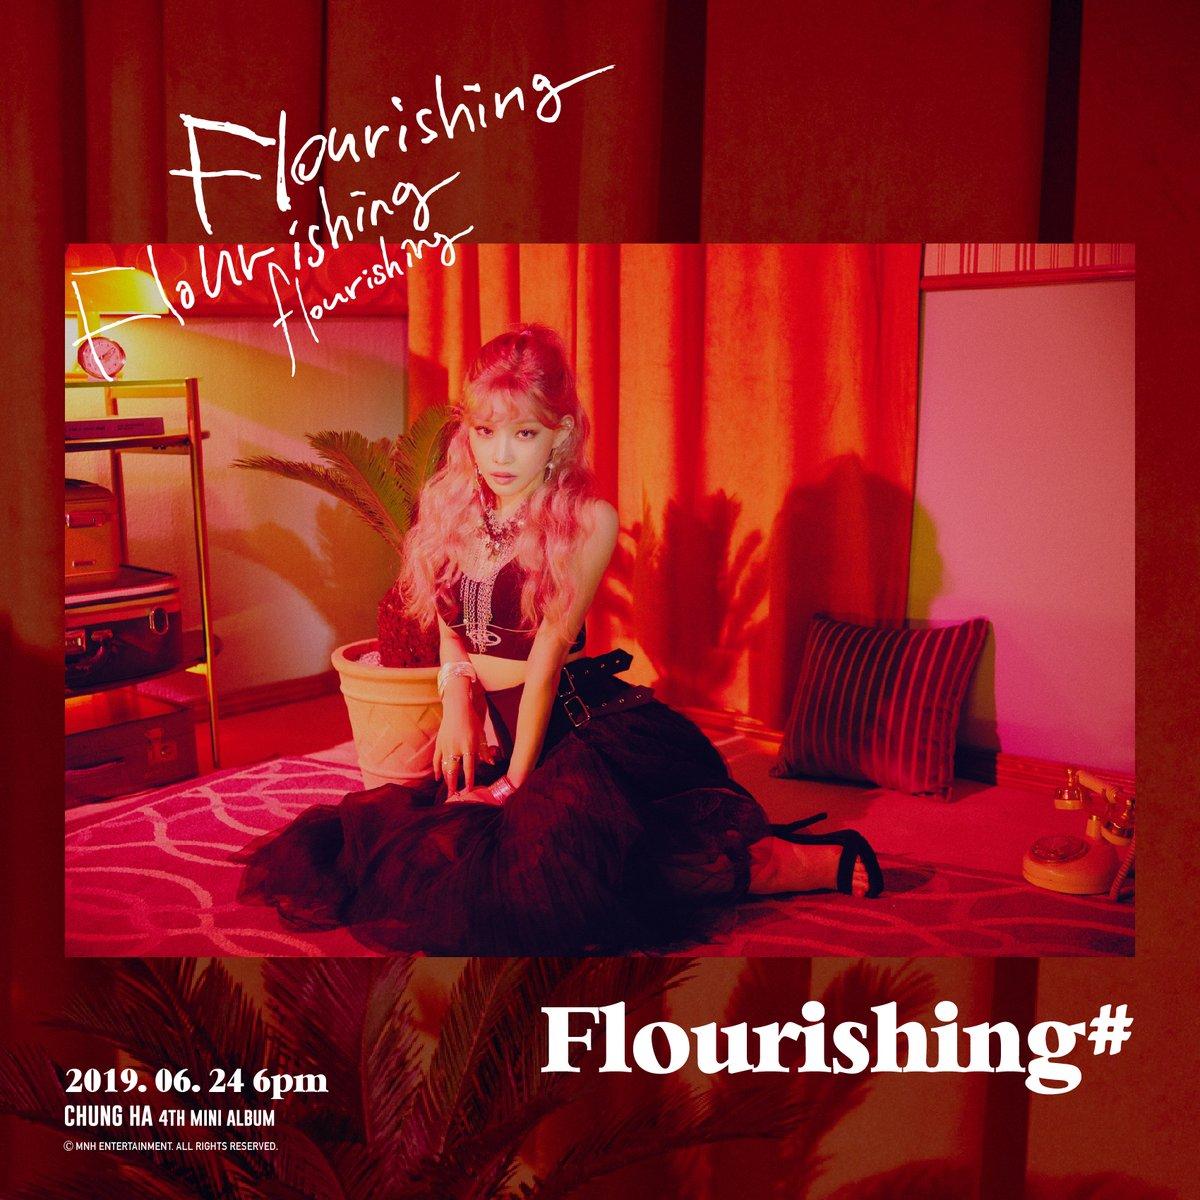 Fire🔥 & Ice❄️! @CHUNGHA_MNHent merilis dua foto teaser terbaru untuk album mini ke-4, Flourishing! #Chungha akan menggelar comeback showcase tanggal 24 Juni dan merilis albumnya secara online, namun untuk versi fisiknya akan mulai dijual 25 Juni. #Flourishing